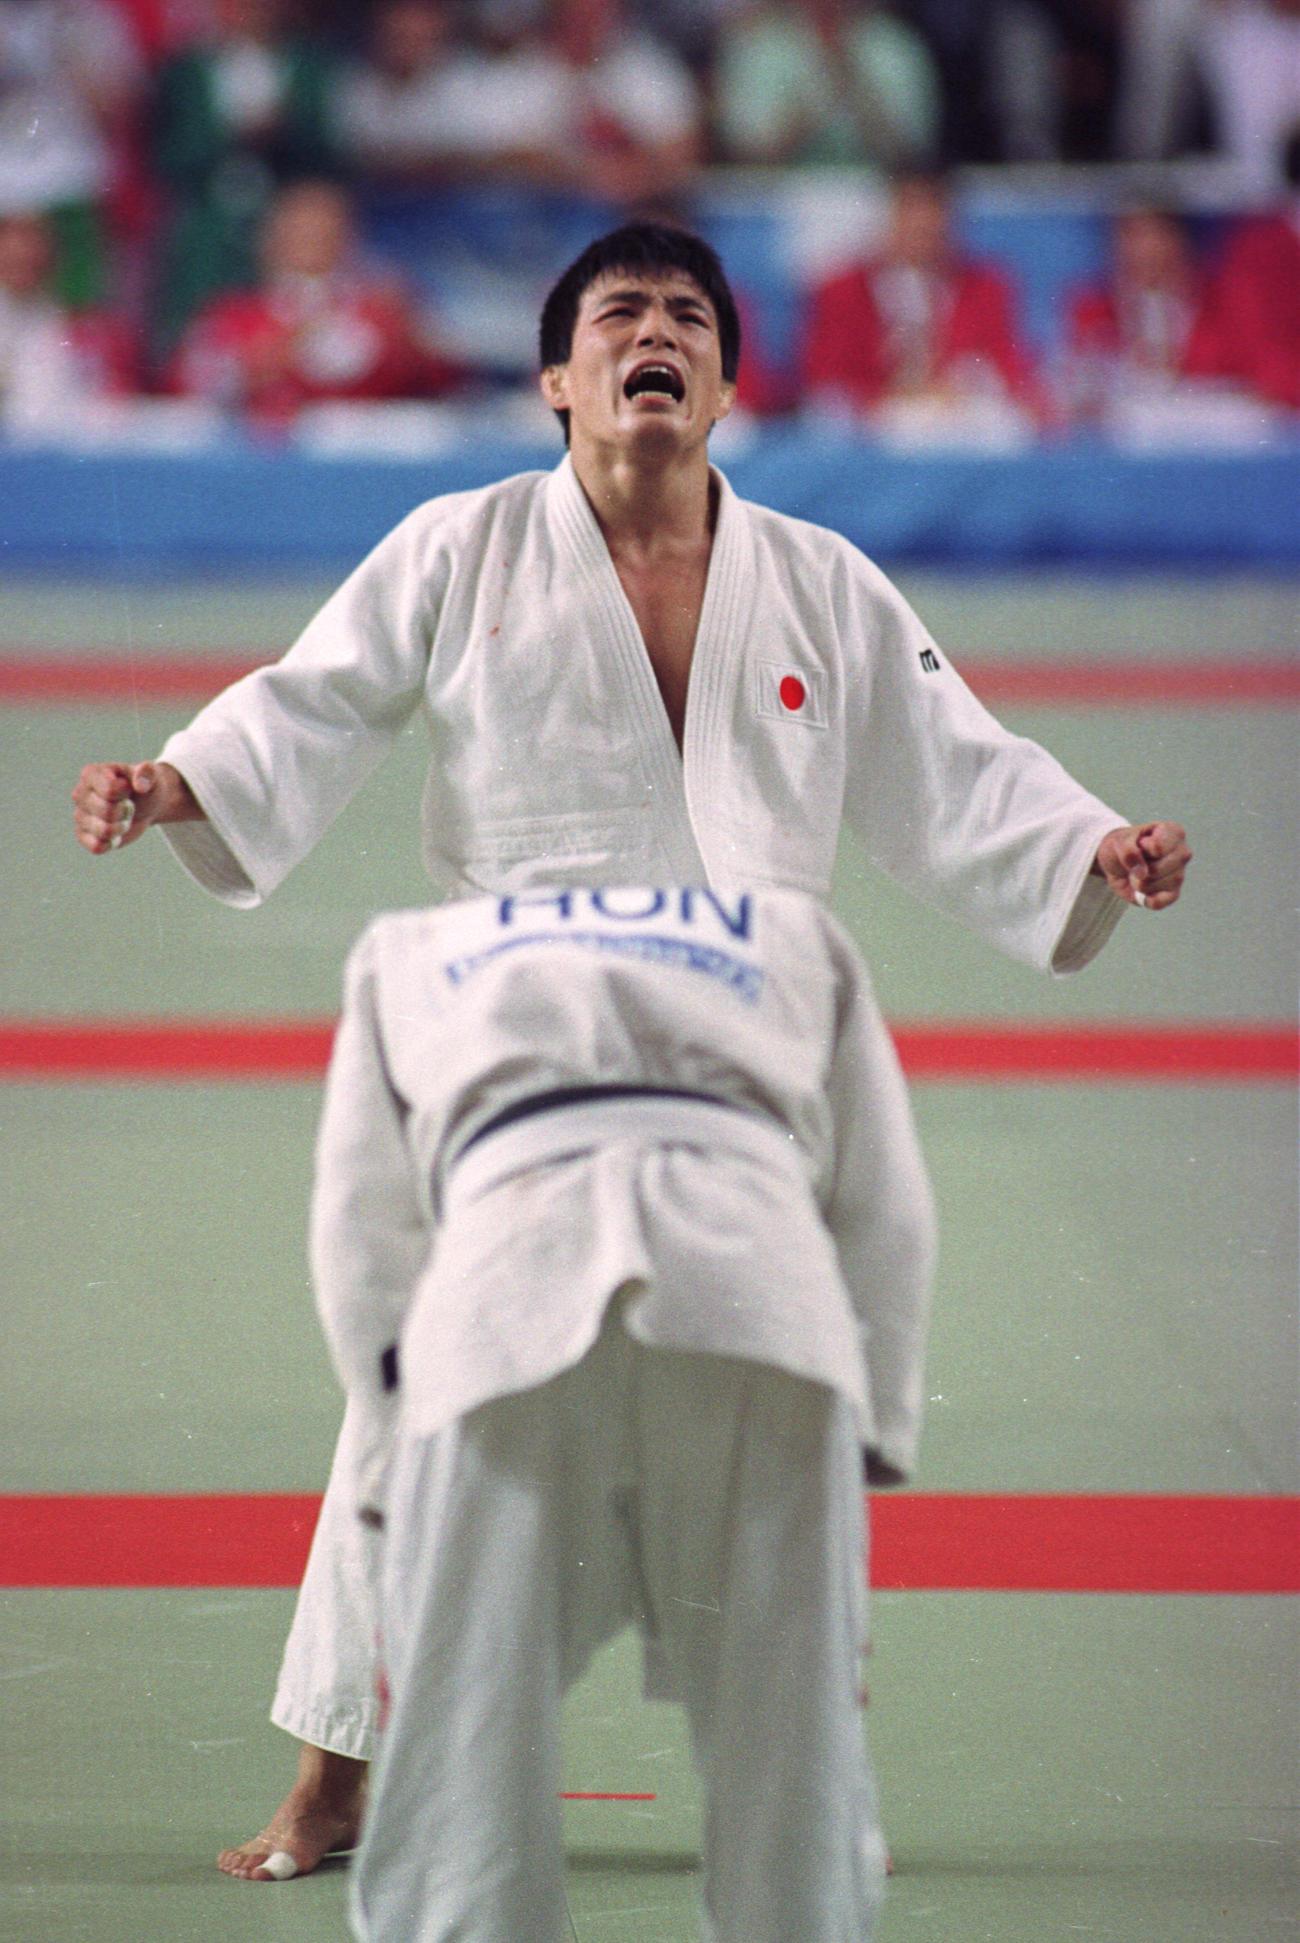 92年7月、バルセロナ五輪の柔道男子71キロ級で金メダルを獲得し感極まる古賀稔彦さん